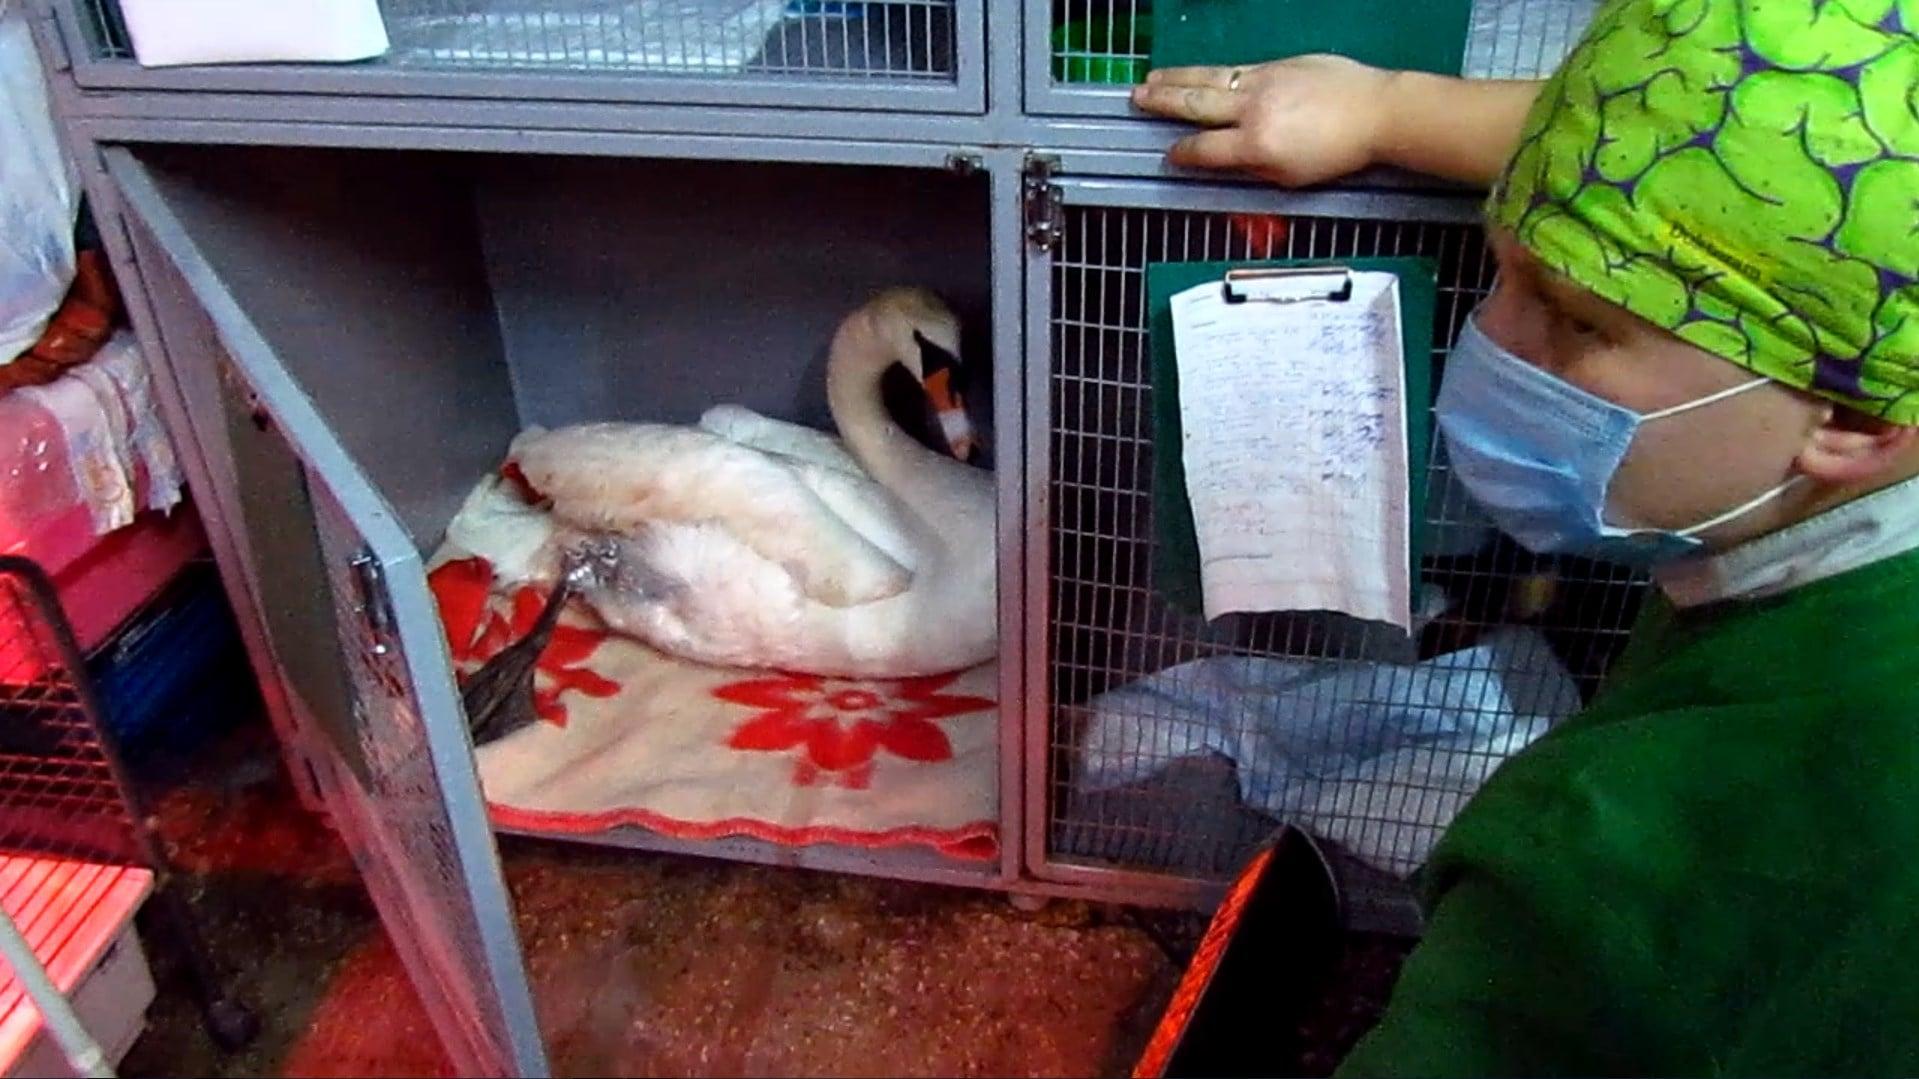 Лебедя из Старозаводского спасали в Днепре: ветеринары считают, что в птицу стреляли | Прихист